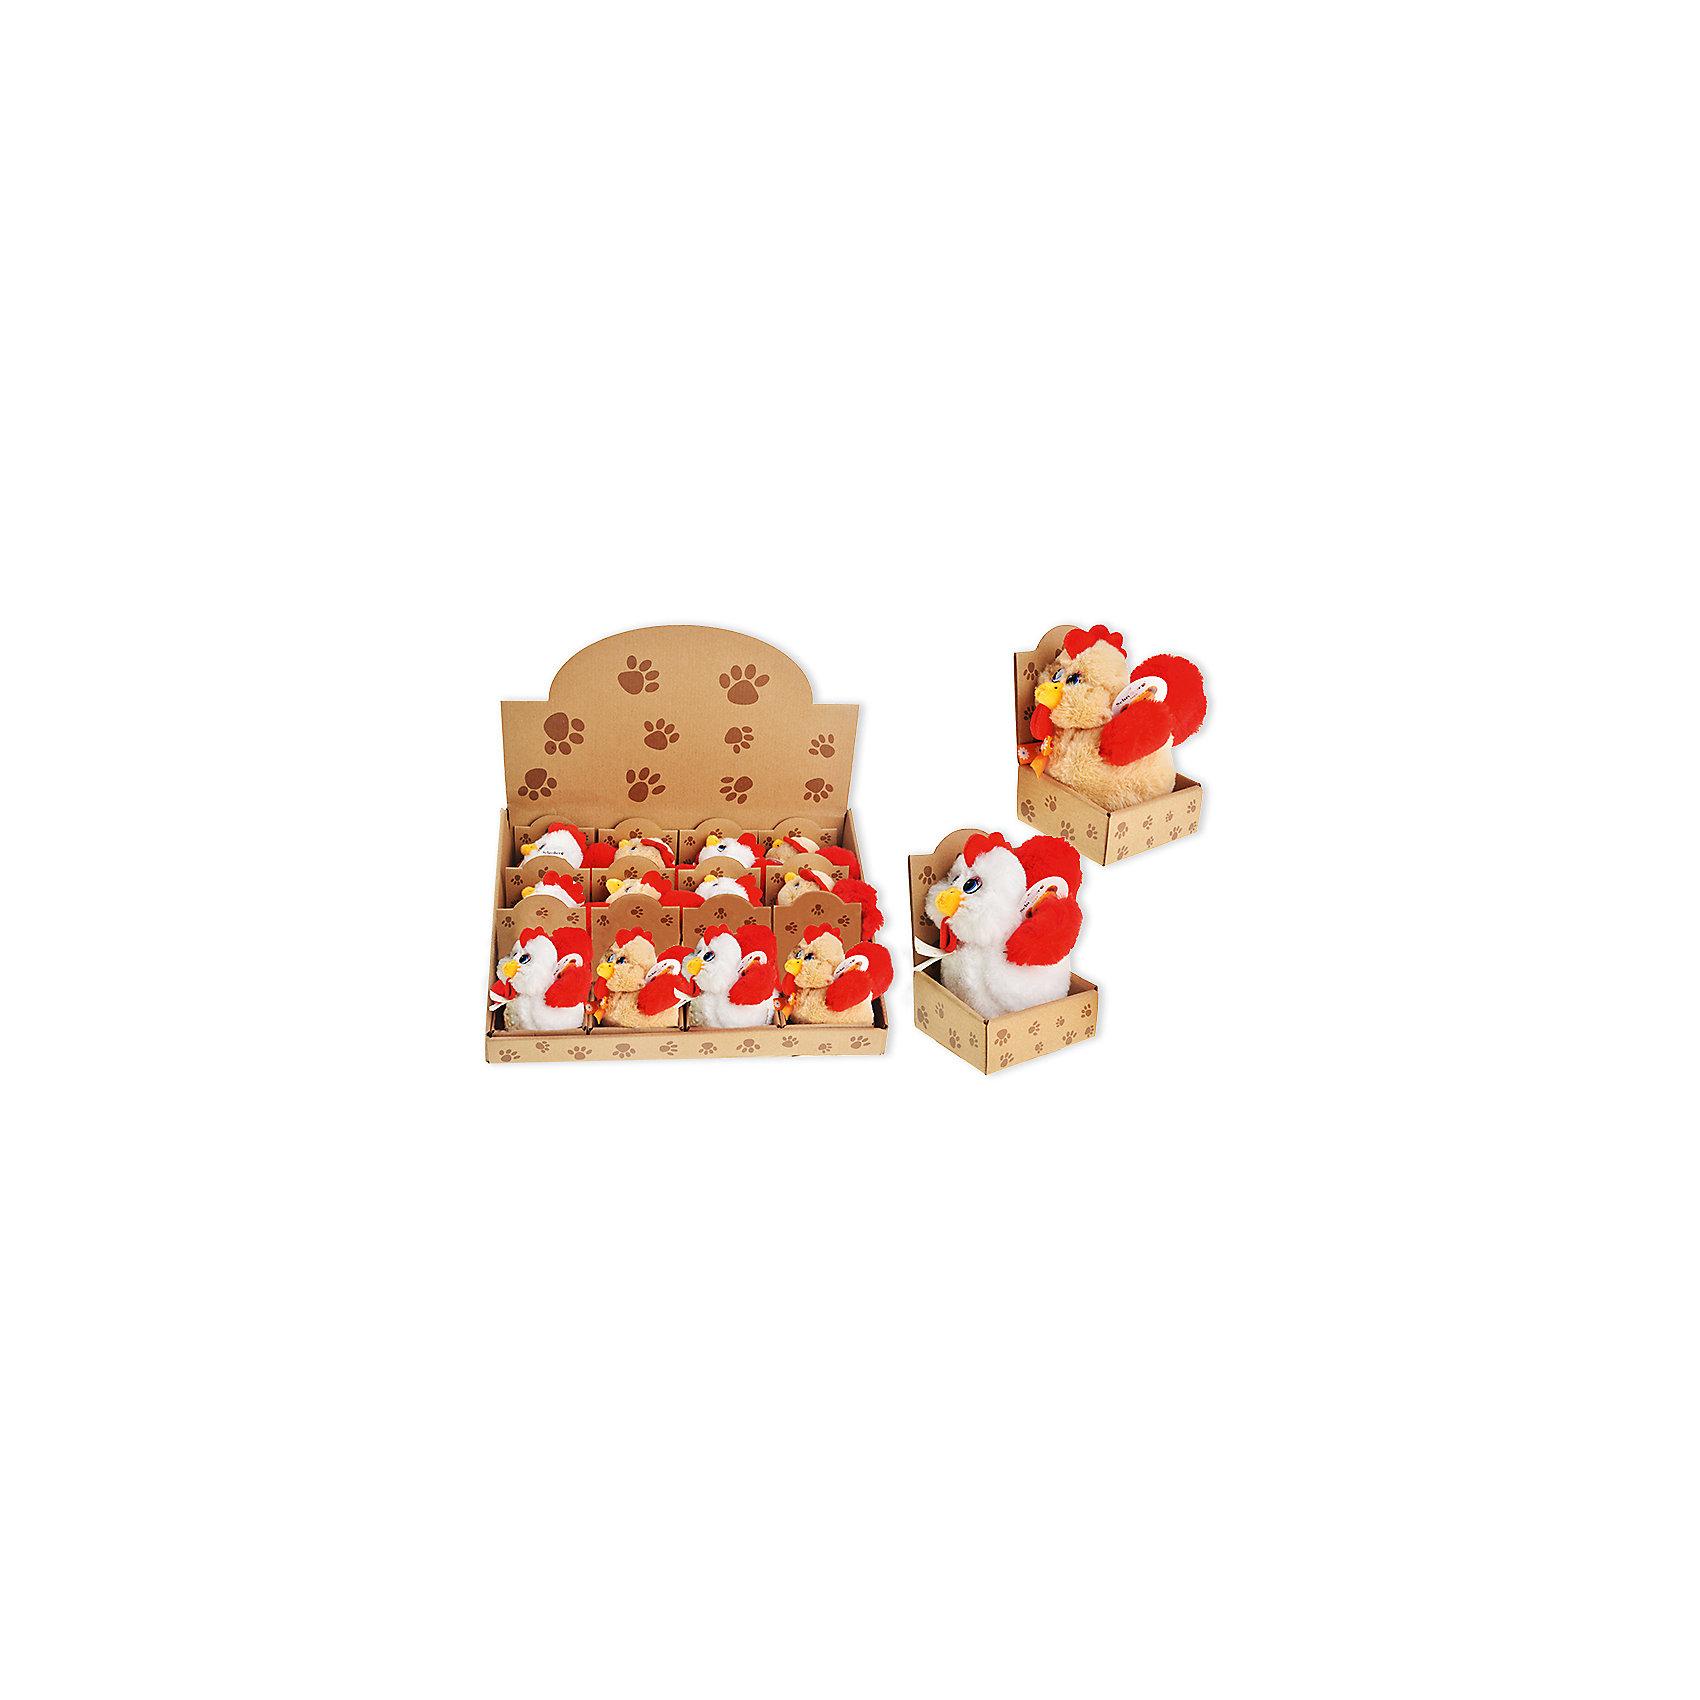 Мягкая игрушка Петушок 10 смМягкие игрушки животные<br>Мягкая игрушка  - универсальный подарок. Стилизованная игрушка «Петушок» понравится всем малышам. Модель подойдет в качестве дополнения к новогоднему подарку (петух - символ 2017 года). Ее можно использовать, как элемент декора в интерьере детской или просто играть. Игрушка изготовлена из высококачественного материала, отвечающего всем международным стандартам по безопасности детских товаров, а так же не вызывает аллергии при соприкосновении с ним. Каждая модель упакована в индивидуальную картонную коробку. Игрушка имеет большой ассортимент цветового решения. <br><br>Дополнительная информация: <br><br>высота: 10см;;<br>цвет: разноцветный;<br>материал: текстиль.<br><br>Мягкую игрушку «Петушок» можно приобрести в нашем магазине.<br><br>Ширина мм: 100<br>Глубина мм: 100<br>Высота мм: 10<br>Вес г: 50<br>Возраст от месяцев: 36<br>Возраст до месяцев: 120<br>Пол: Унисекс<br>Возраст: Детский<br>SKU: 4993533